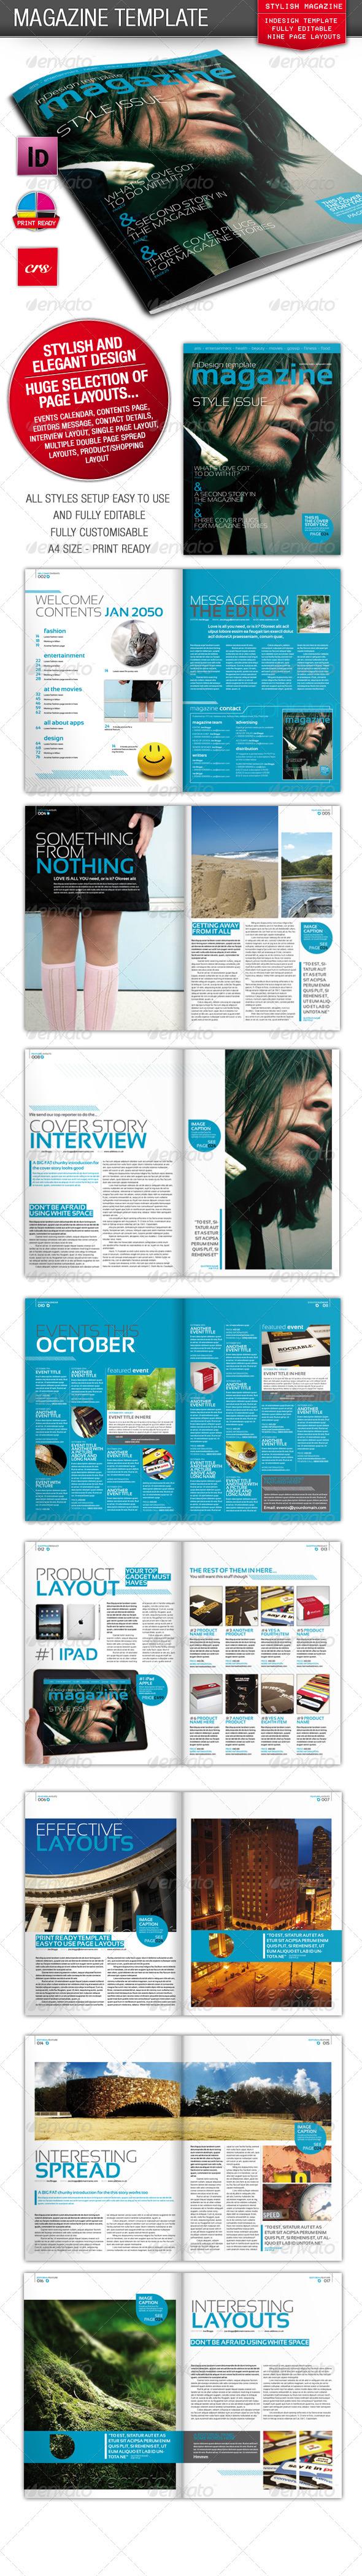 Stylish InDesign Magazine Template   Indesign magazine templates ...